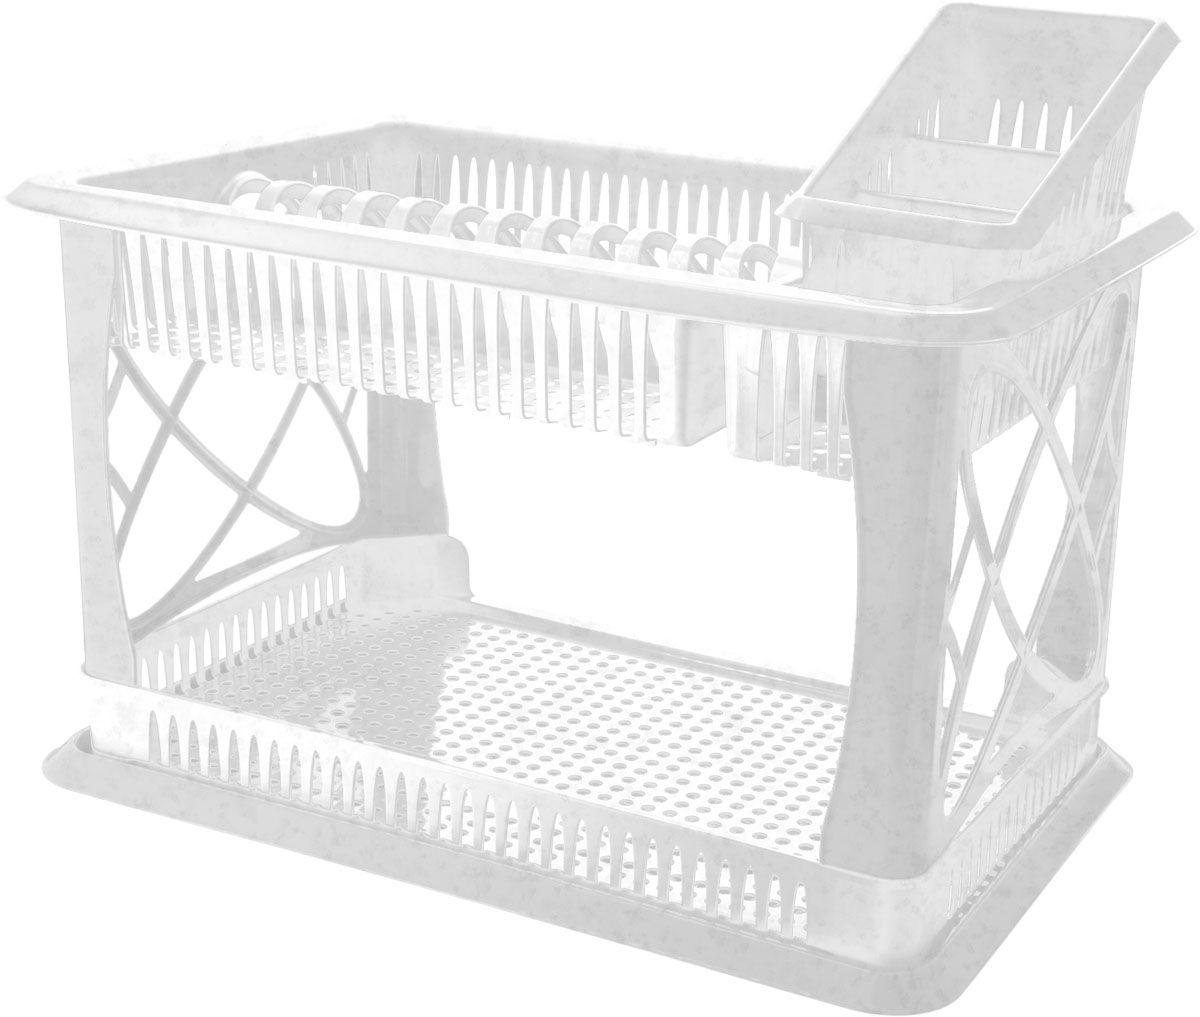 Сушилка для посуды Plastic Centre Лилия, 2-ярусная, с поддоном, с сушилкой для столовых приборов, цвет: мраморный, 49 х 17,5 х 32,5 смVT-1520(SR)Двухъярусная сушилка для посуды выполнена из пластика. Изделие оснащено поддоном для стекания воды и подставкой для столовых приборов и стаканов. Сушилка может быть установлена как на столе, так и подвешена на стену при помощи крючков (не входят в комплект). Размер сушилки (с учетом подставок): 49 х 17,5 х 32,5 см.Размер поддона: 47 х 30 х 2,5 см.